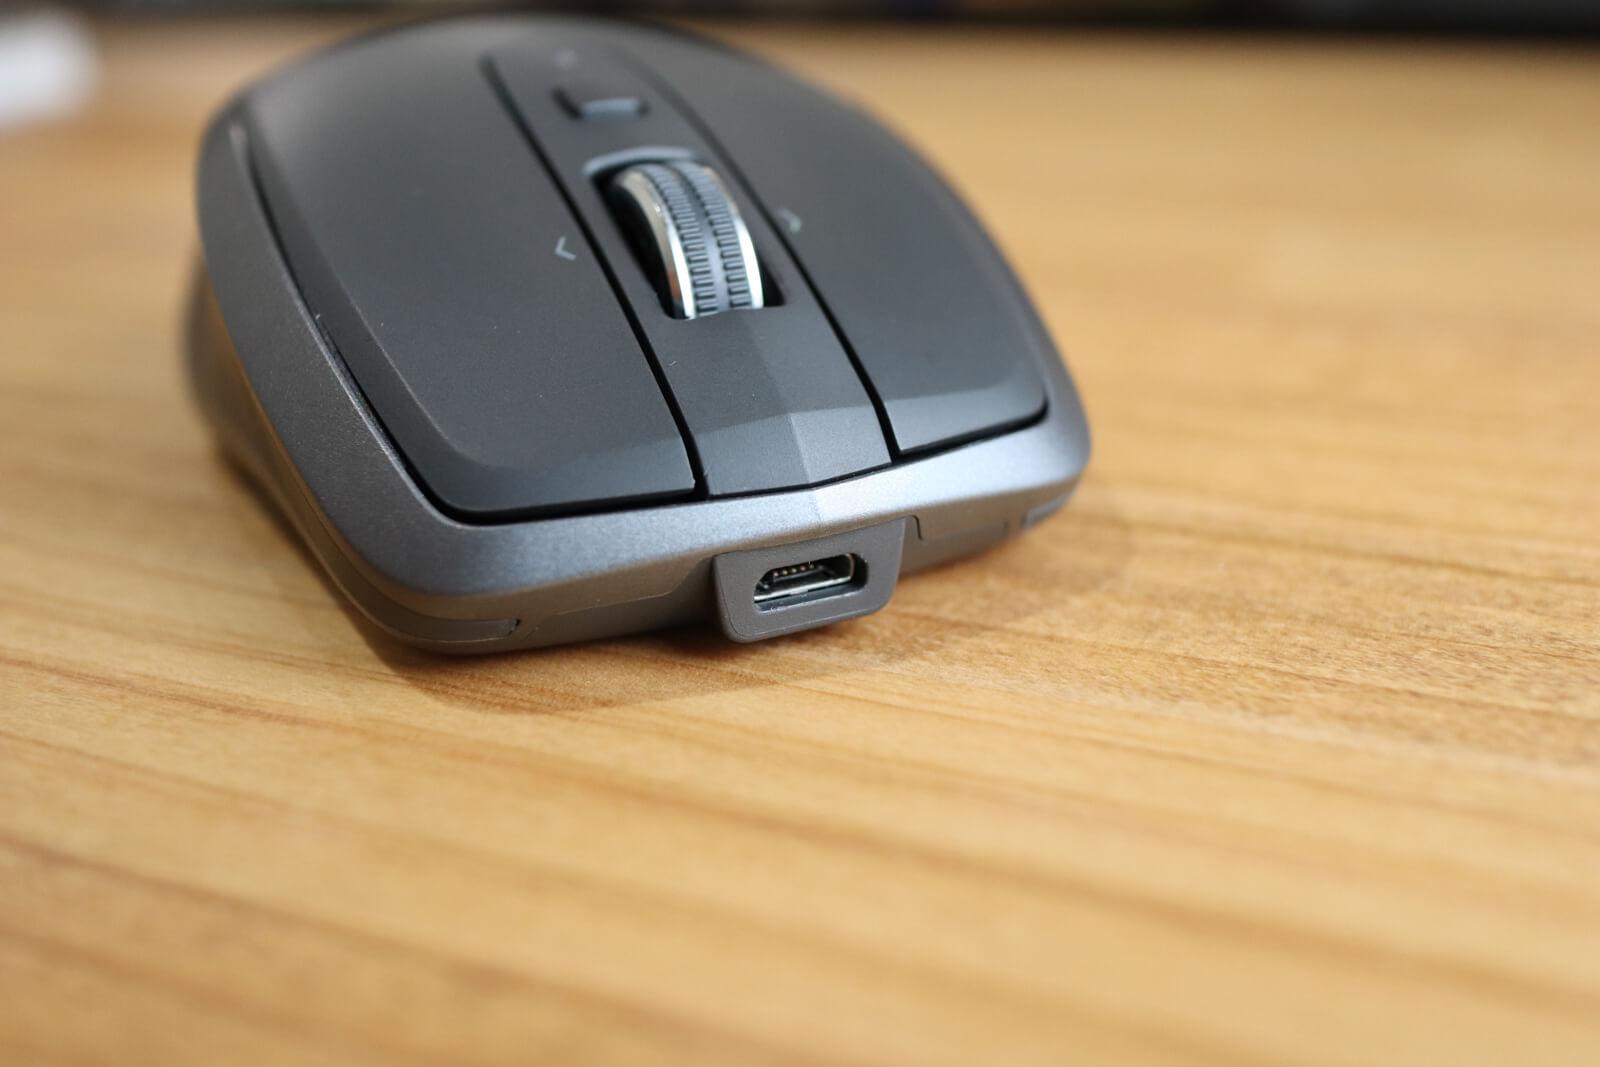 マウスはUSBケーブルで充電します